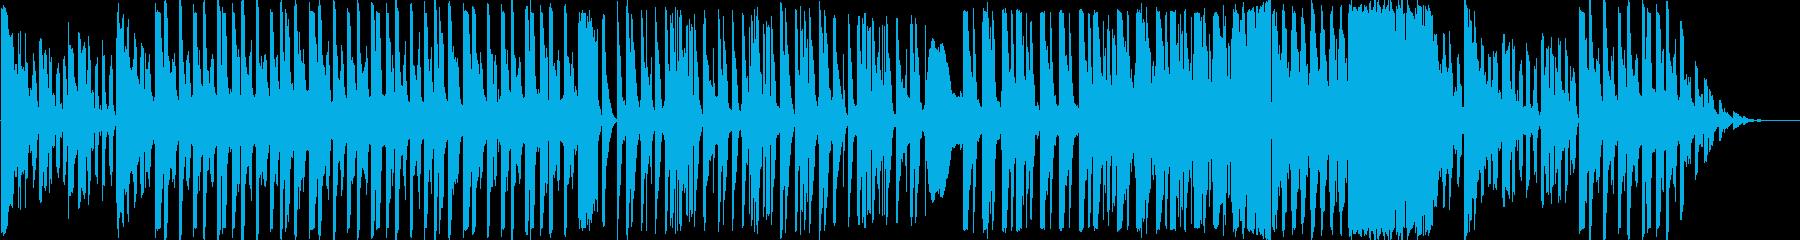 ダークヘビードラムンベース(EDM系)の再生済みの波形